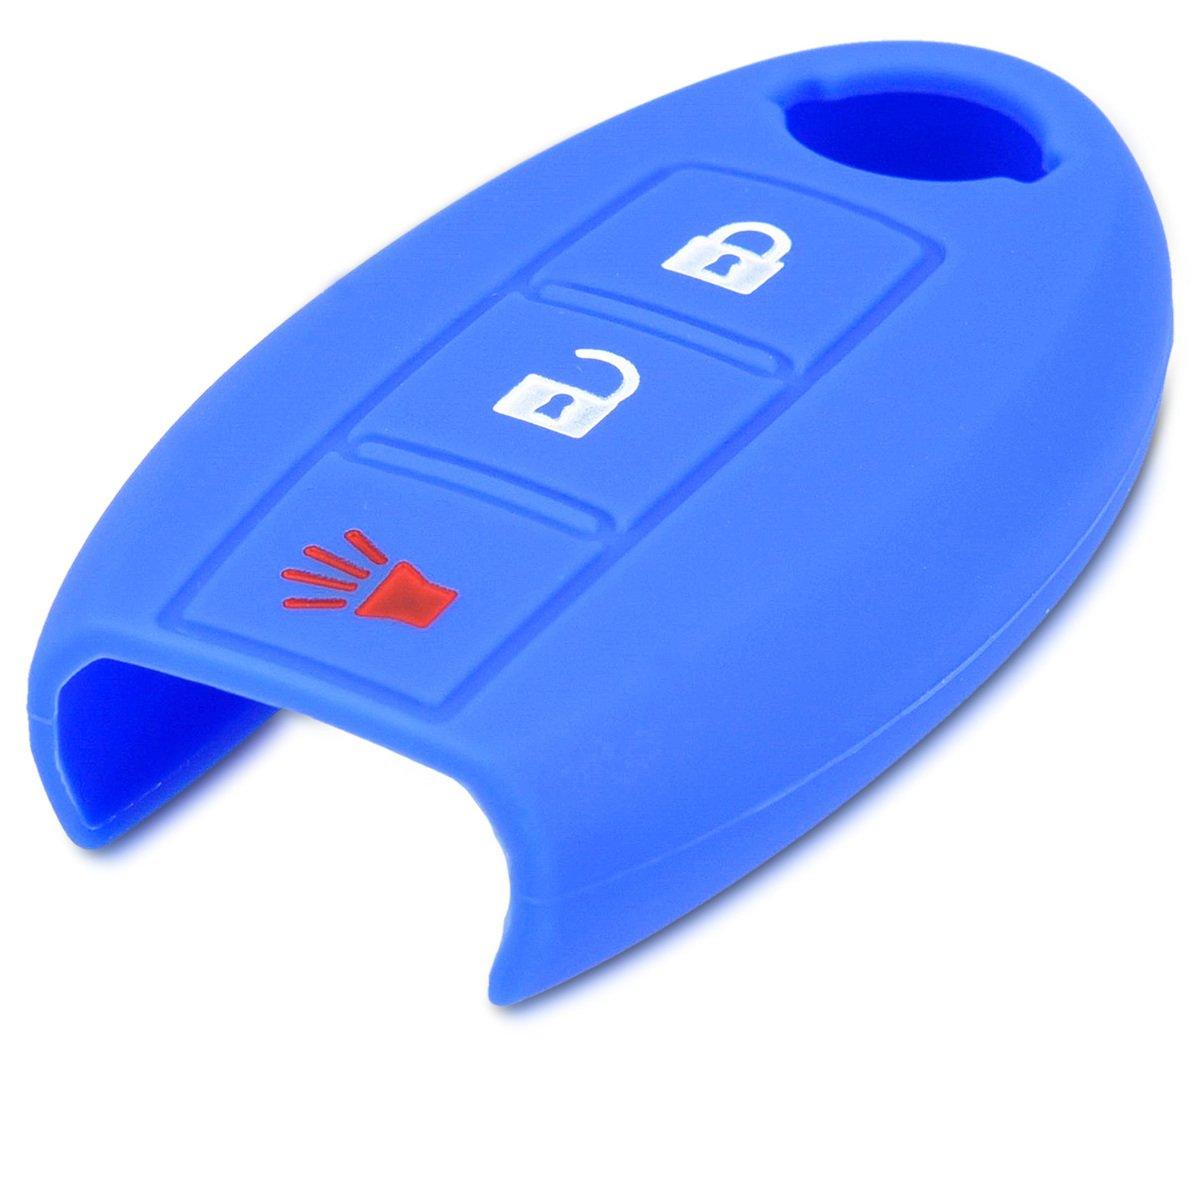 de Negro Suave - Case Mando de Auto kwmobile Funda de Silicona para Llave de 3 Botones para Coche Nissan Silicona Carcasa Protectora